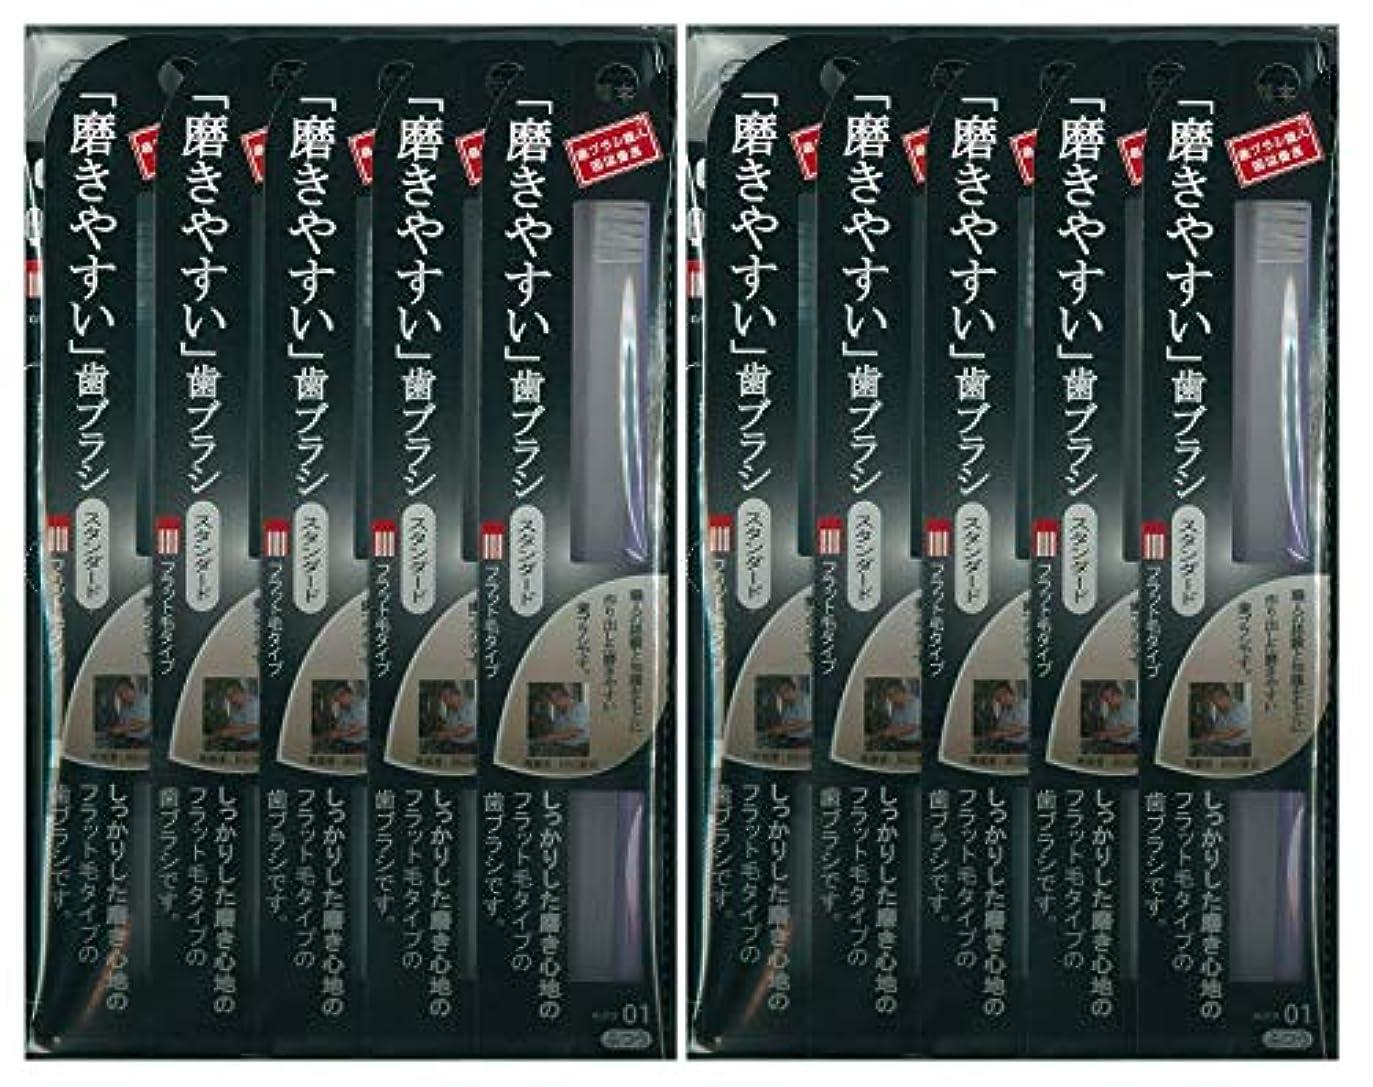 歯ブラシ職人 田辺重吉考案 磨きやすい歯ブラシ ふつう (フラット) LT-01 1本入×24本セット